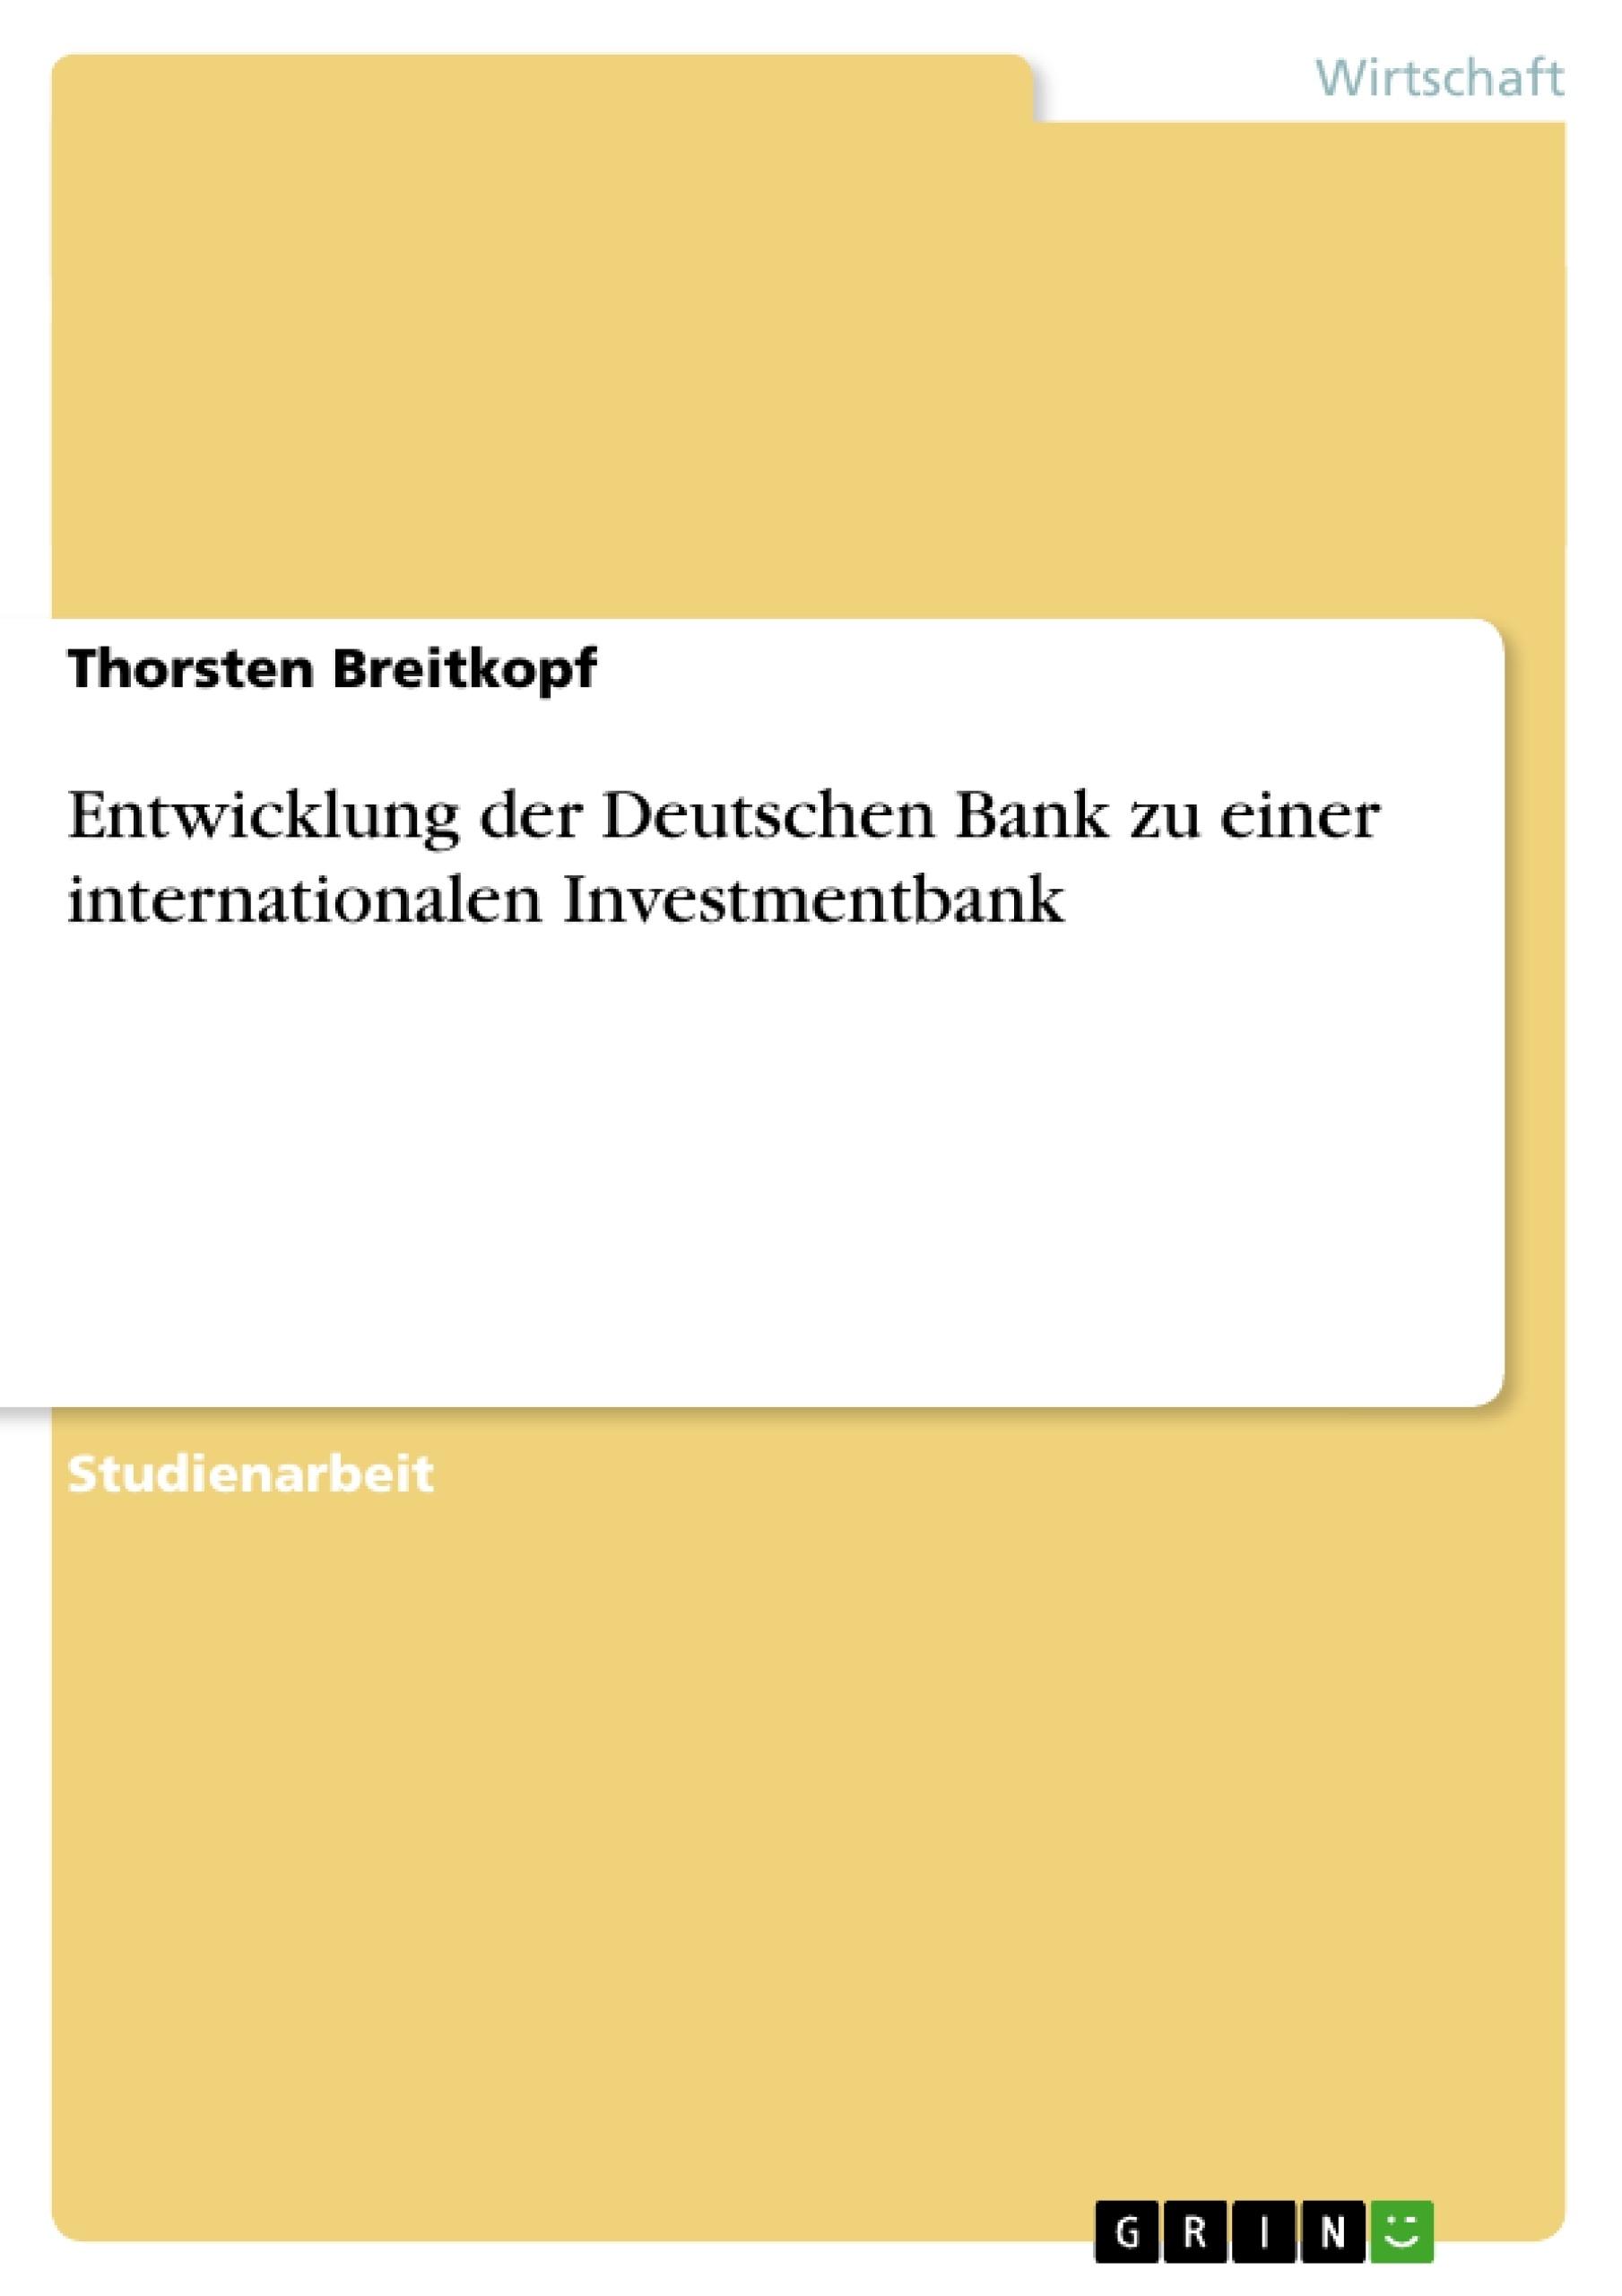 Titel: Entwicklung der Deutschen Bank zu einer internationalen Investmentbank